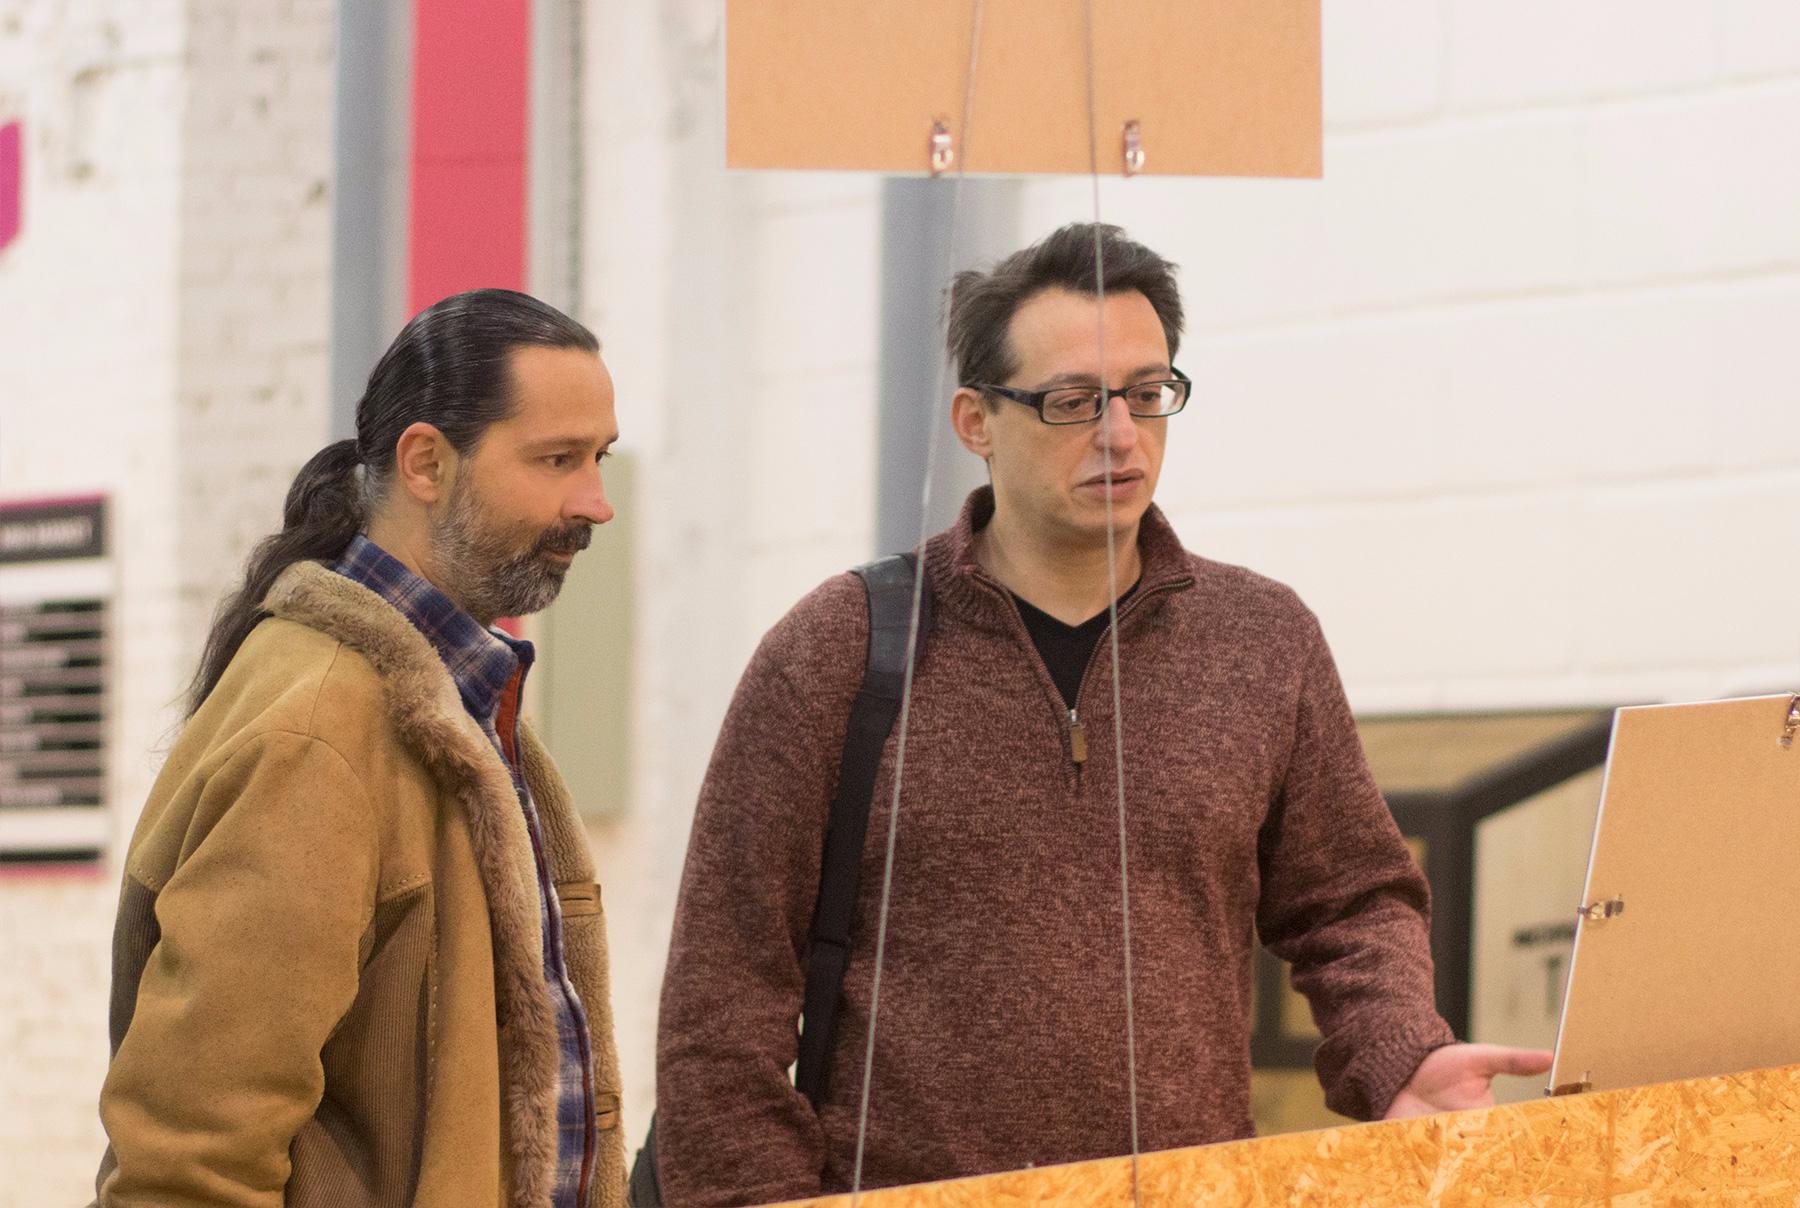 Алексей Звягинцев и Игорь Борщевский рассматривают выставку.